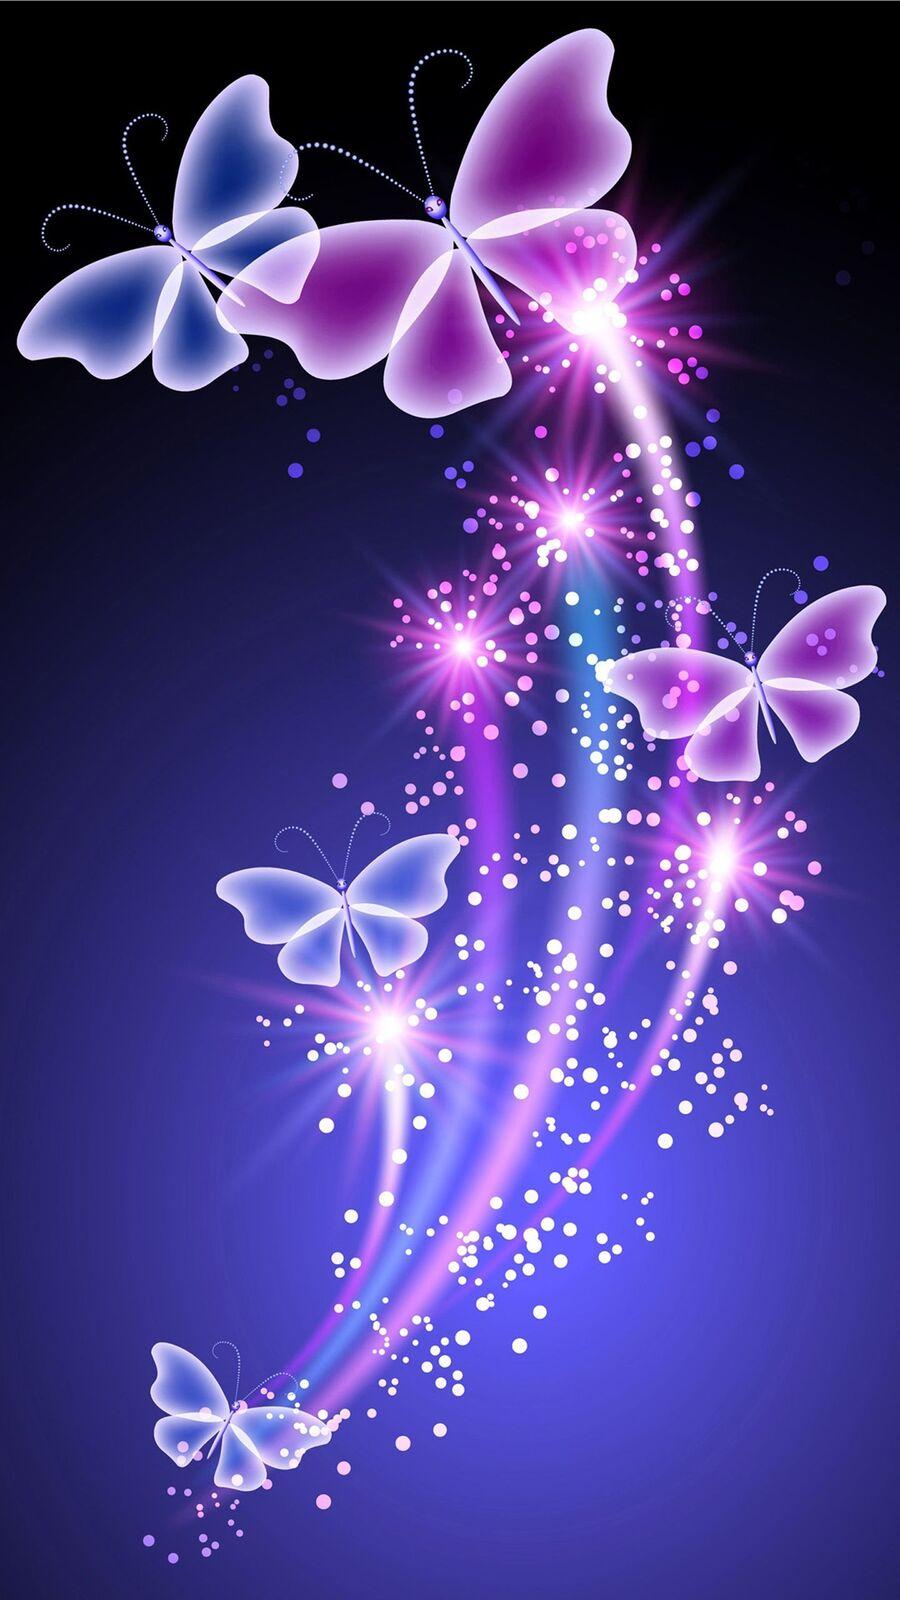 خلفيات فراشات وورود اجمل الفراشات الملونة